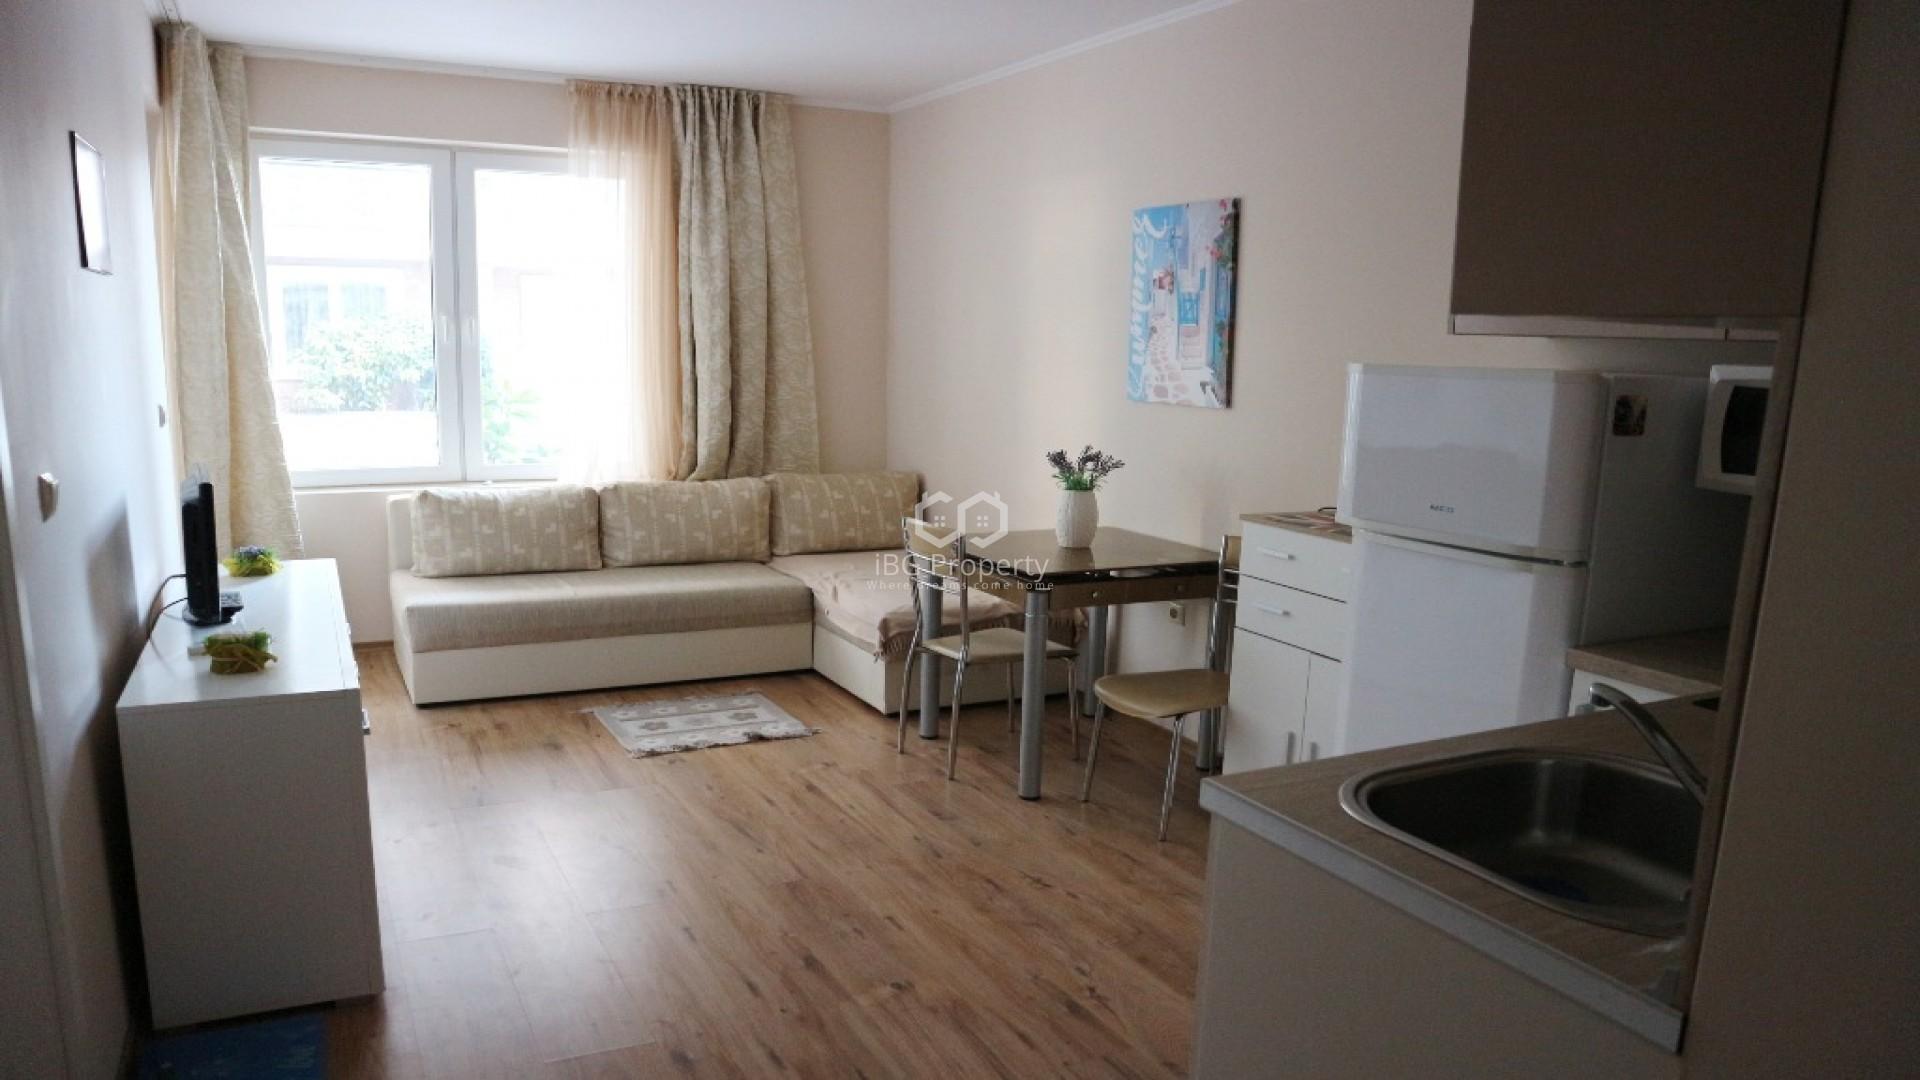 Zweizimmerwohnung in Sonnenstrand 50 m2